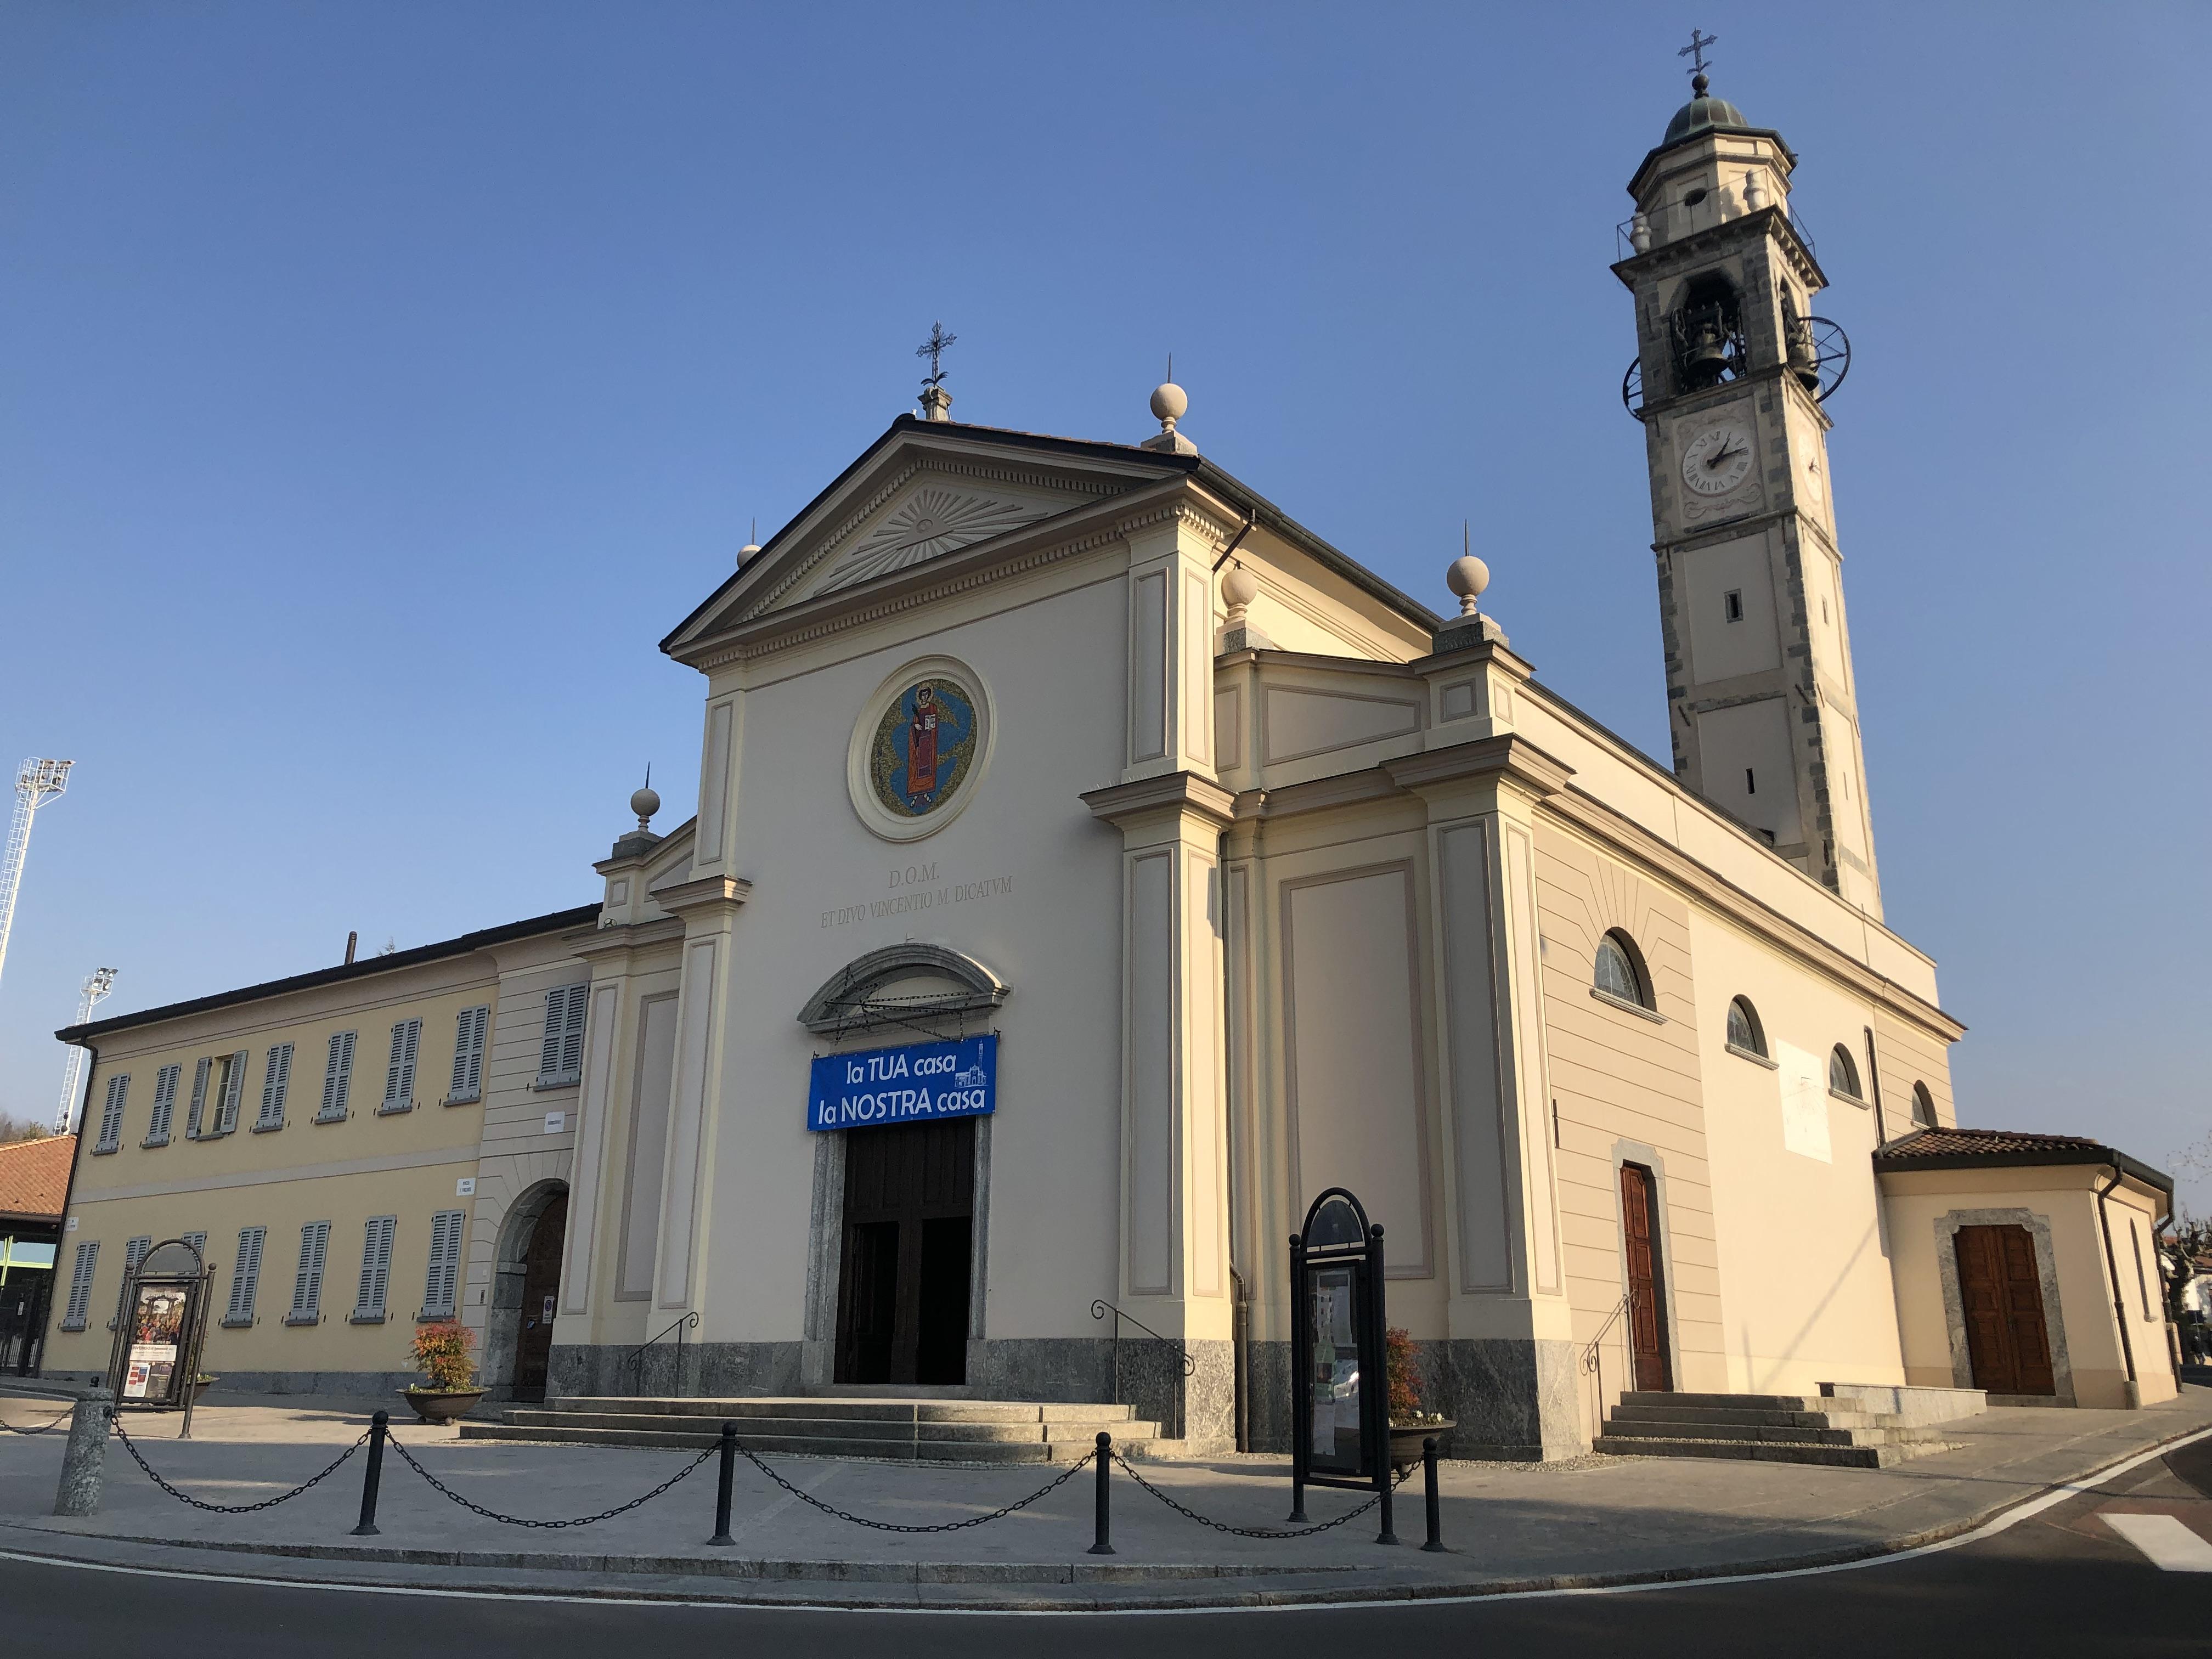 chiesa parrocchiale S. Vincenzo Martire di Cremnago